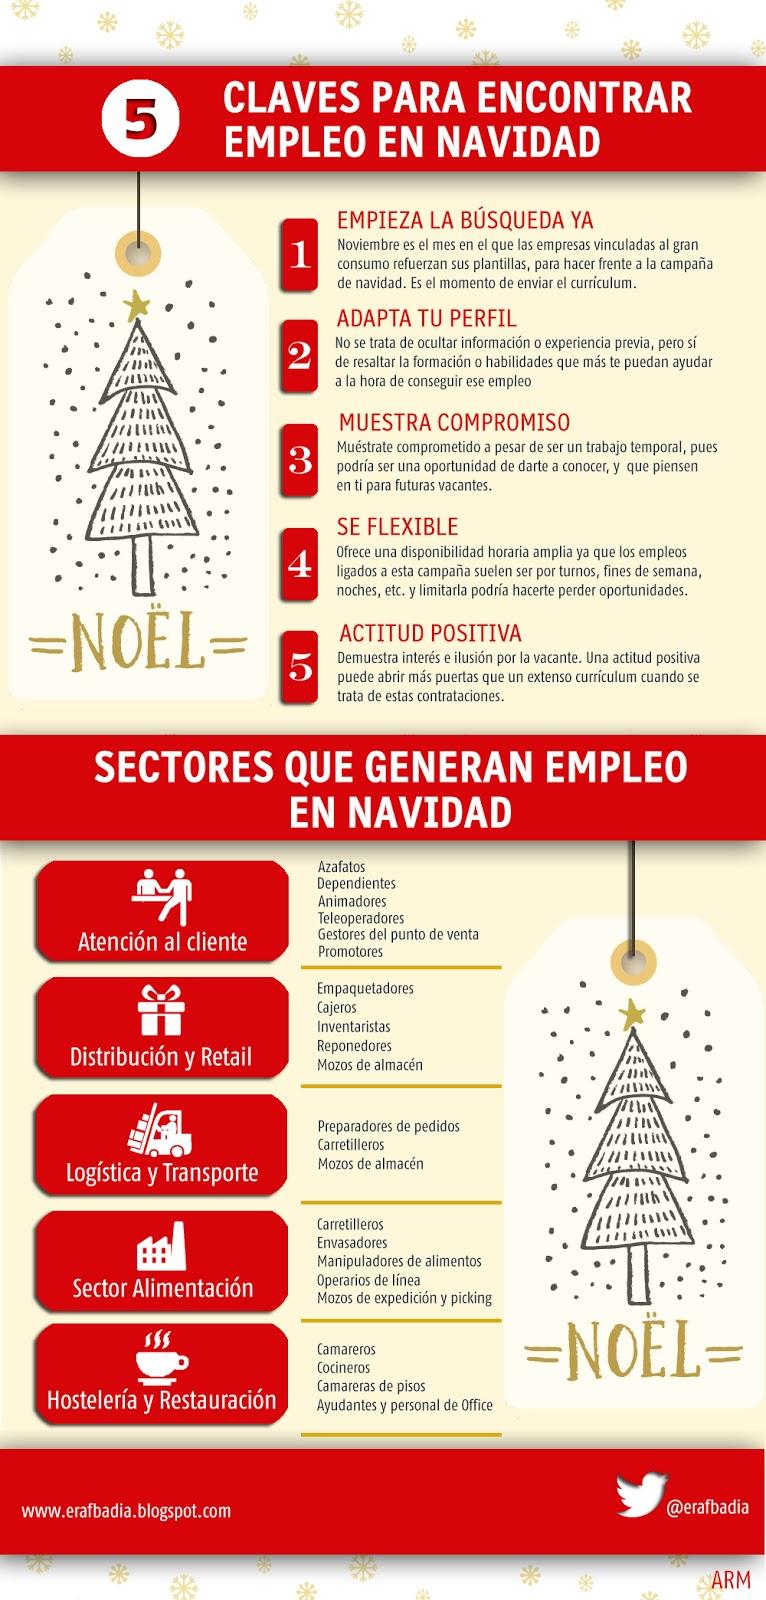 5 claves para encontrar empleo en Navidad (y sectores dónde se genera)